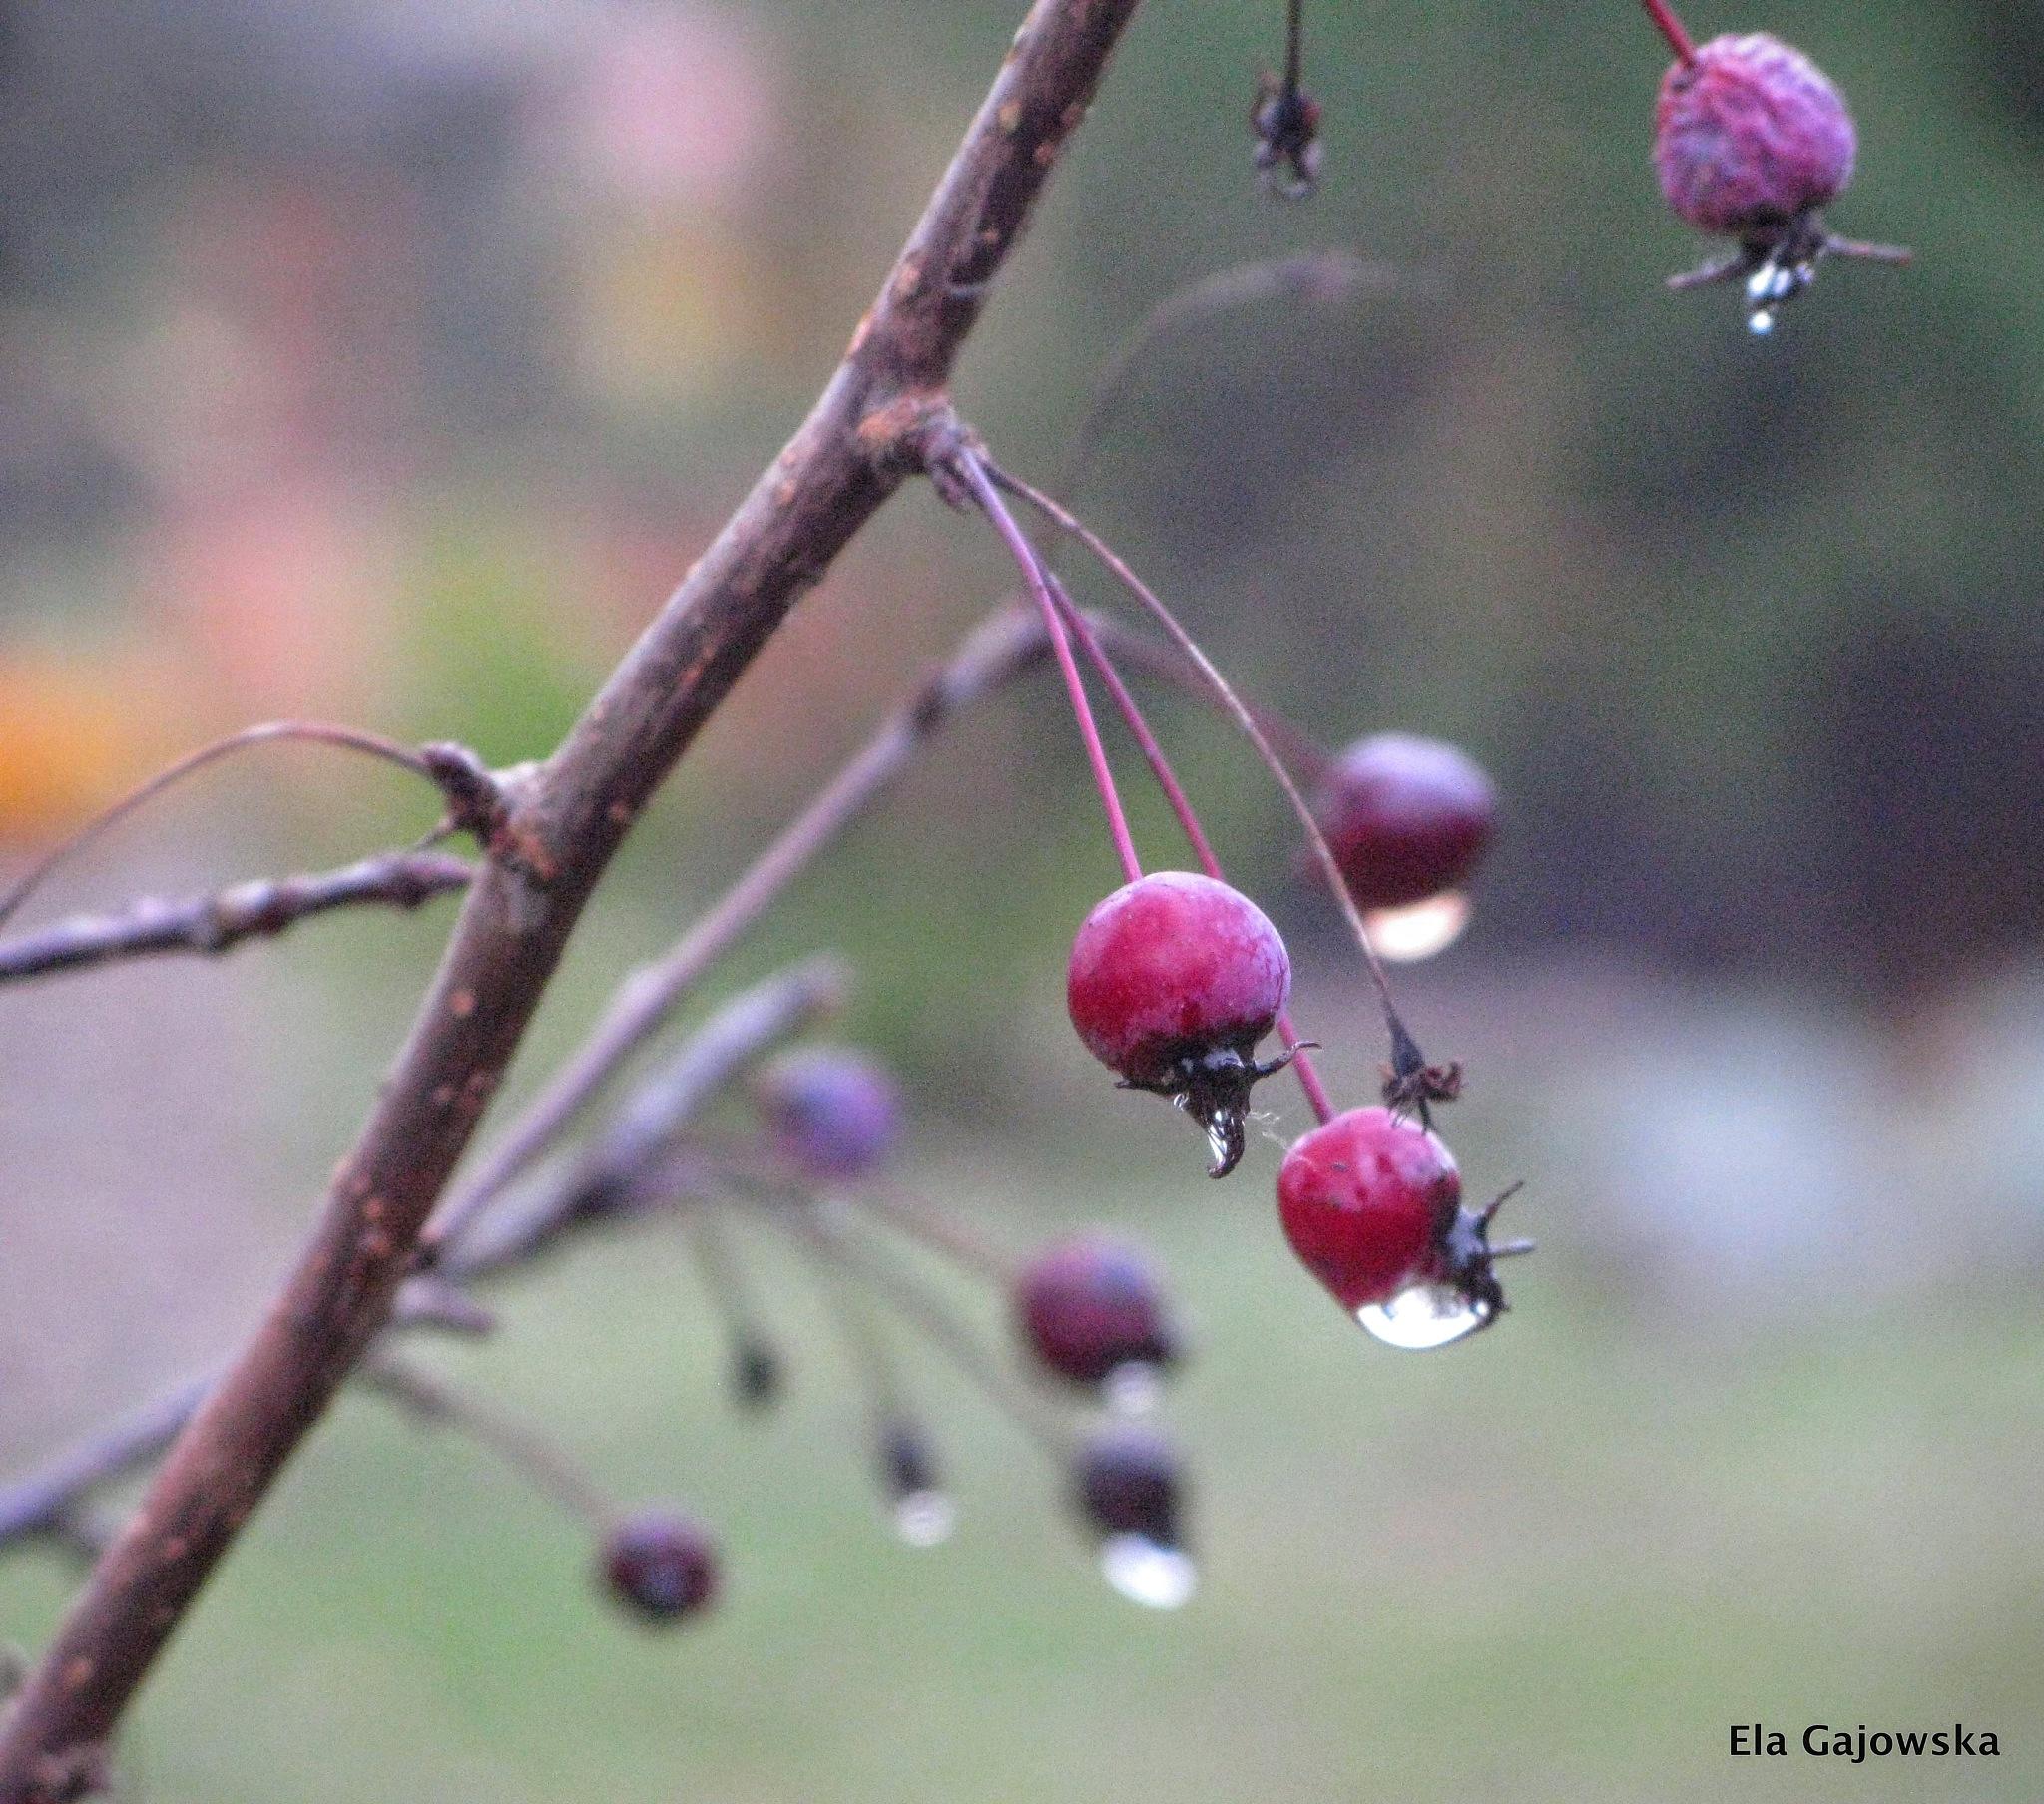 Autumn raindrops by Ela Gajowska